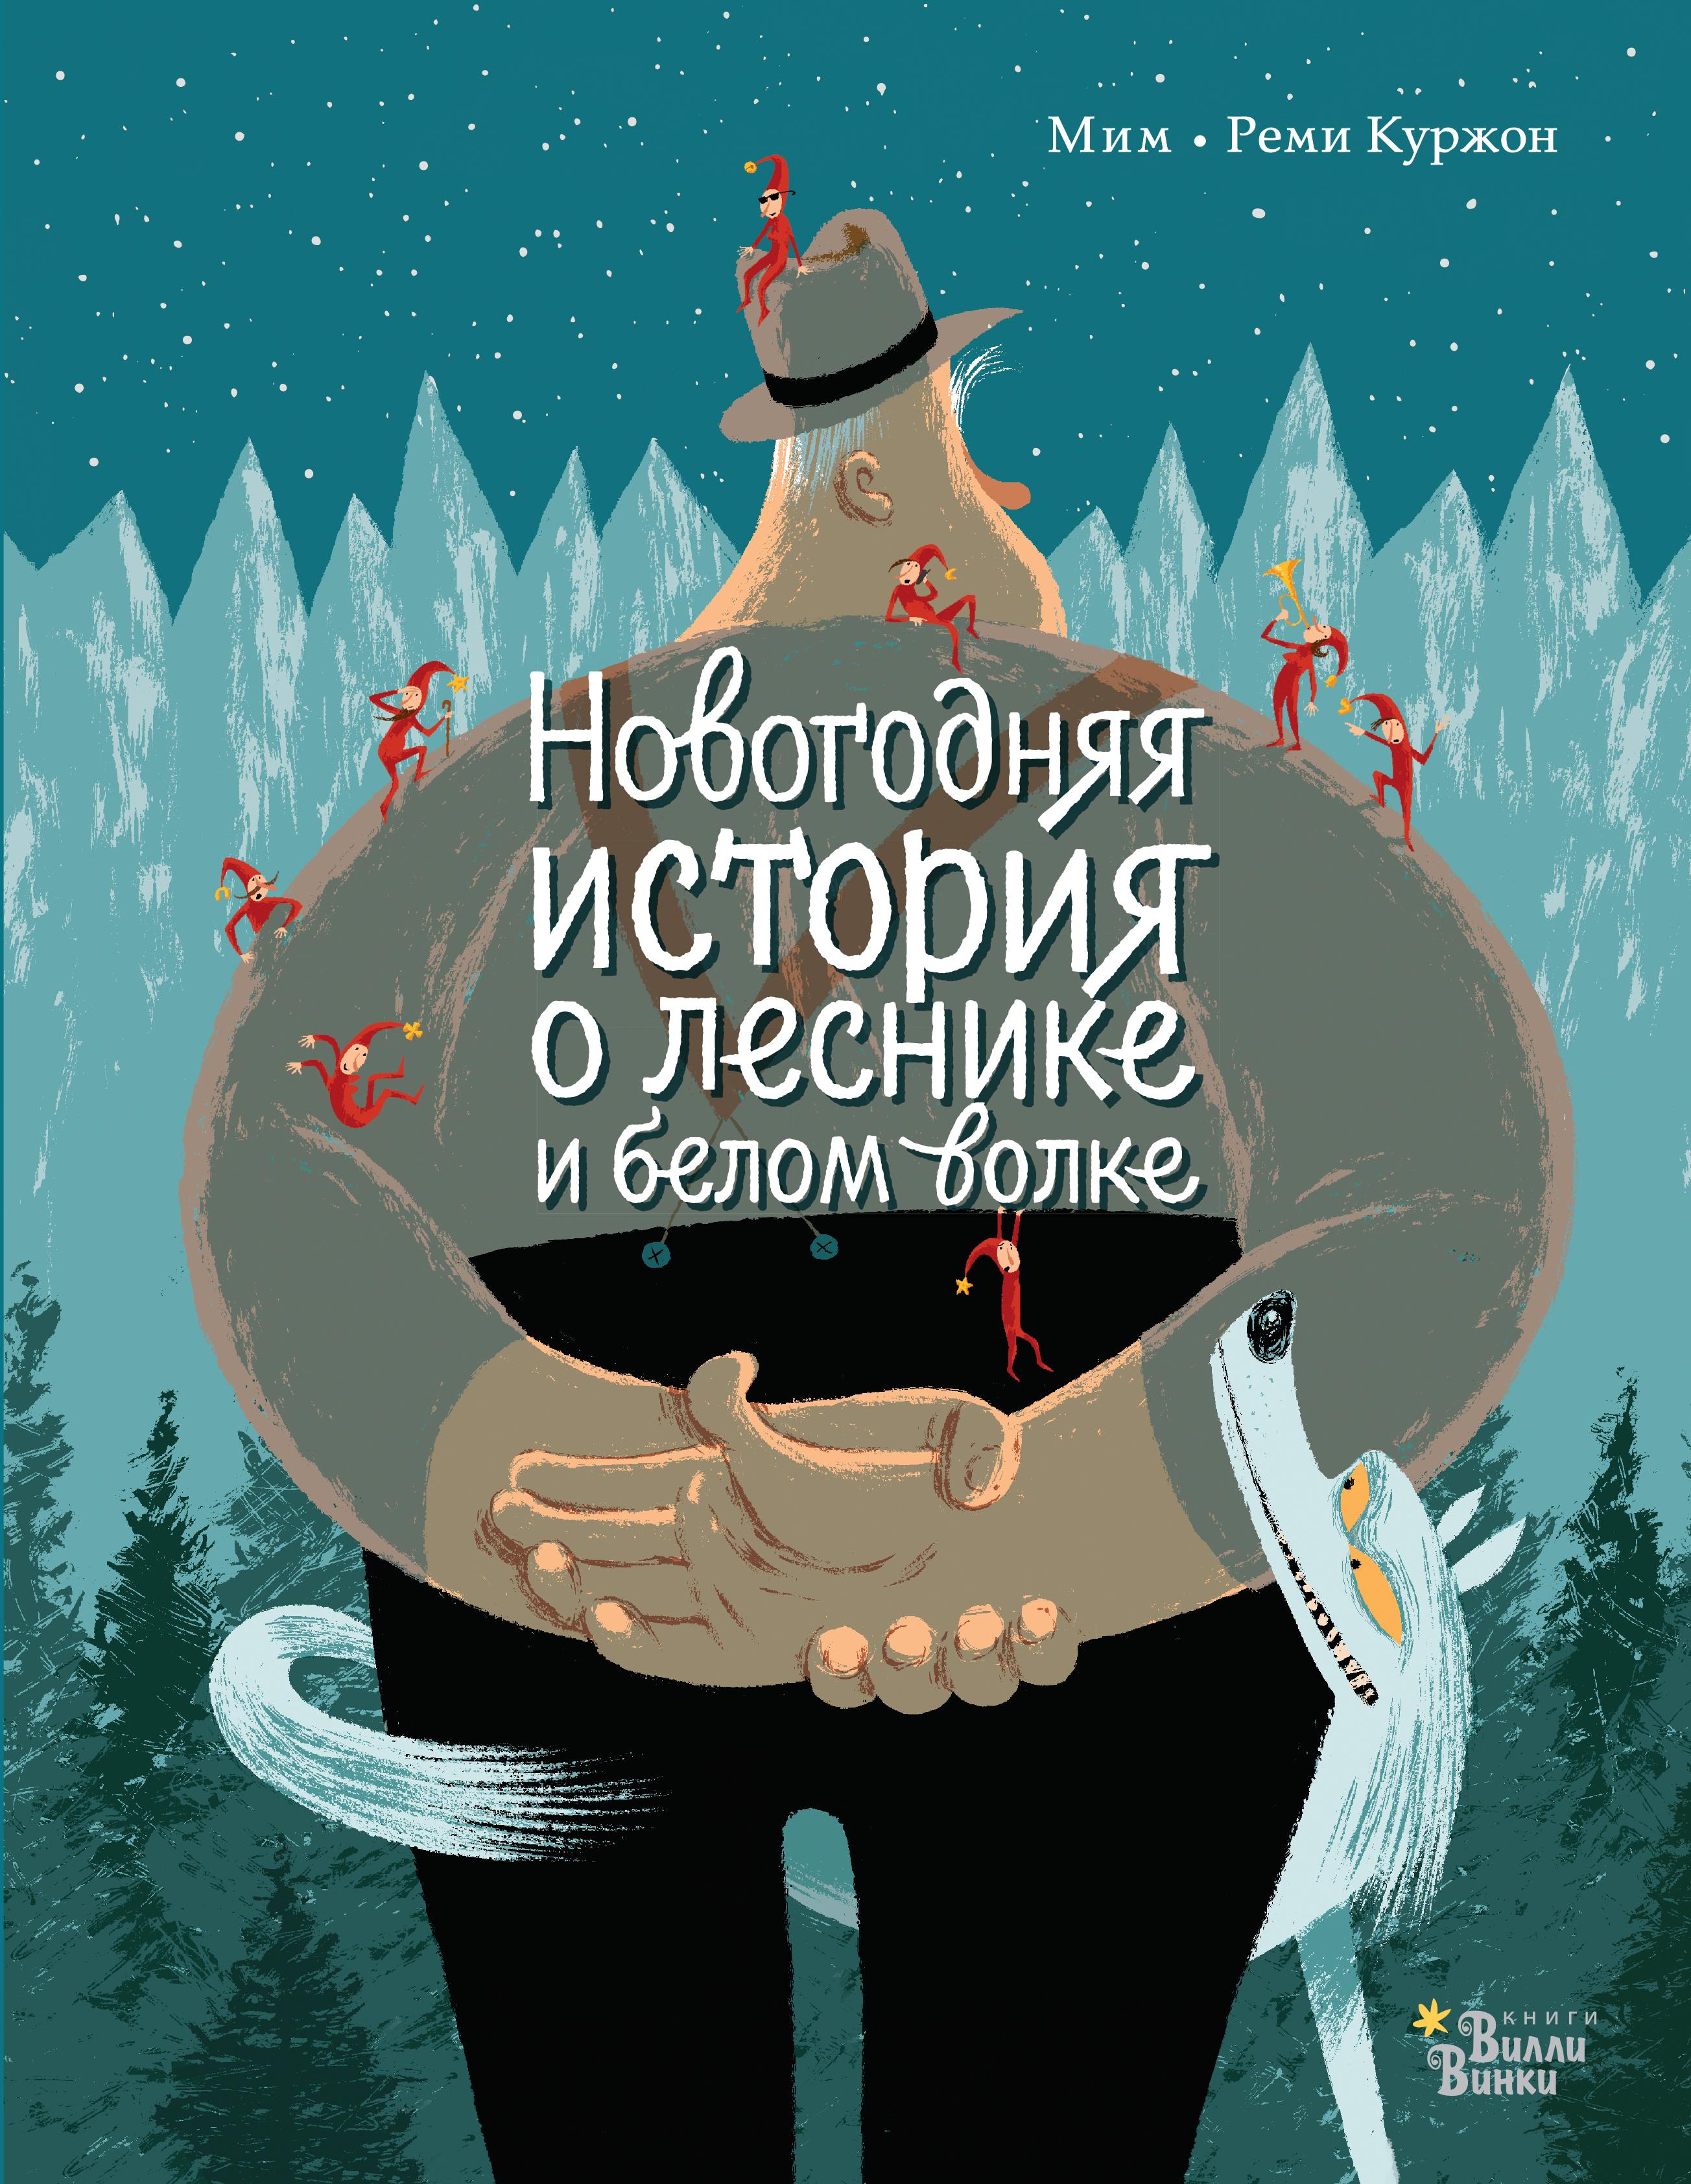 Мим Новогодняя история о леснике и белом волке новогодняя книга с волшебными лабиринтами и чудесами